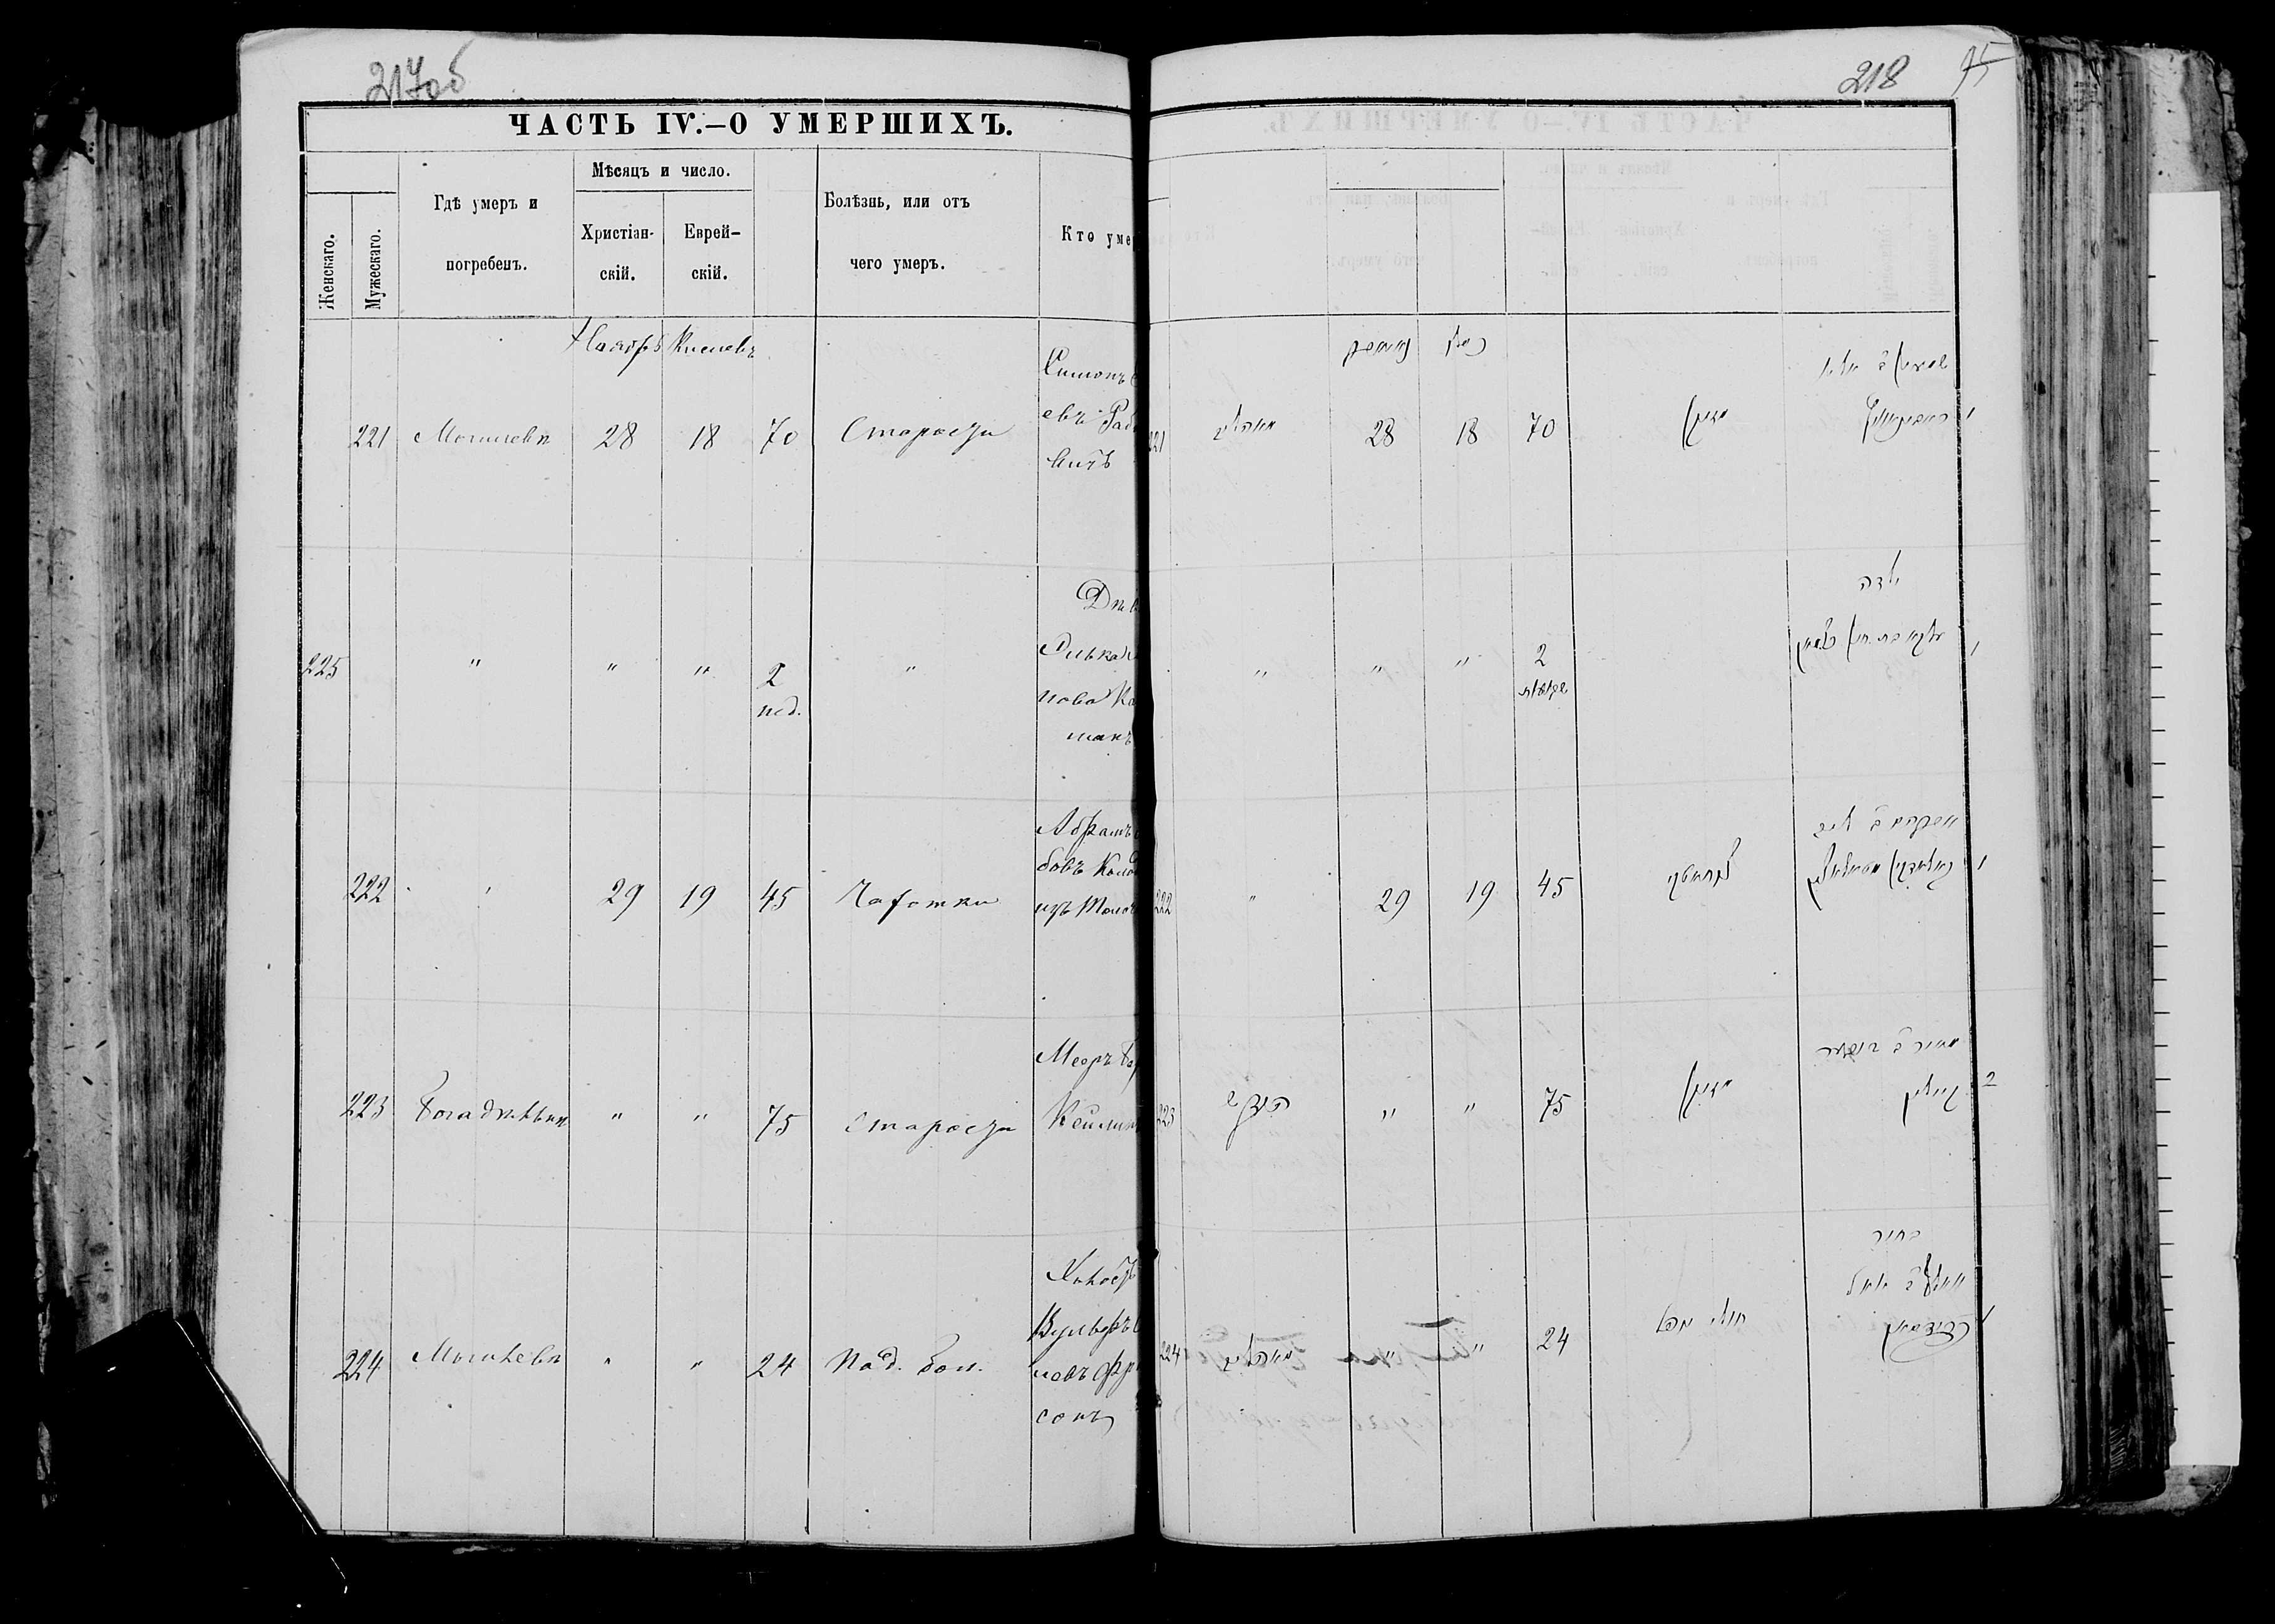 Абрам Лейбович Колодкин ум. 29 ноября 1881, запись 222, пленка 007766482, снимок 285